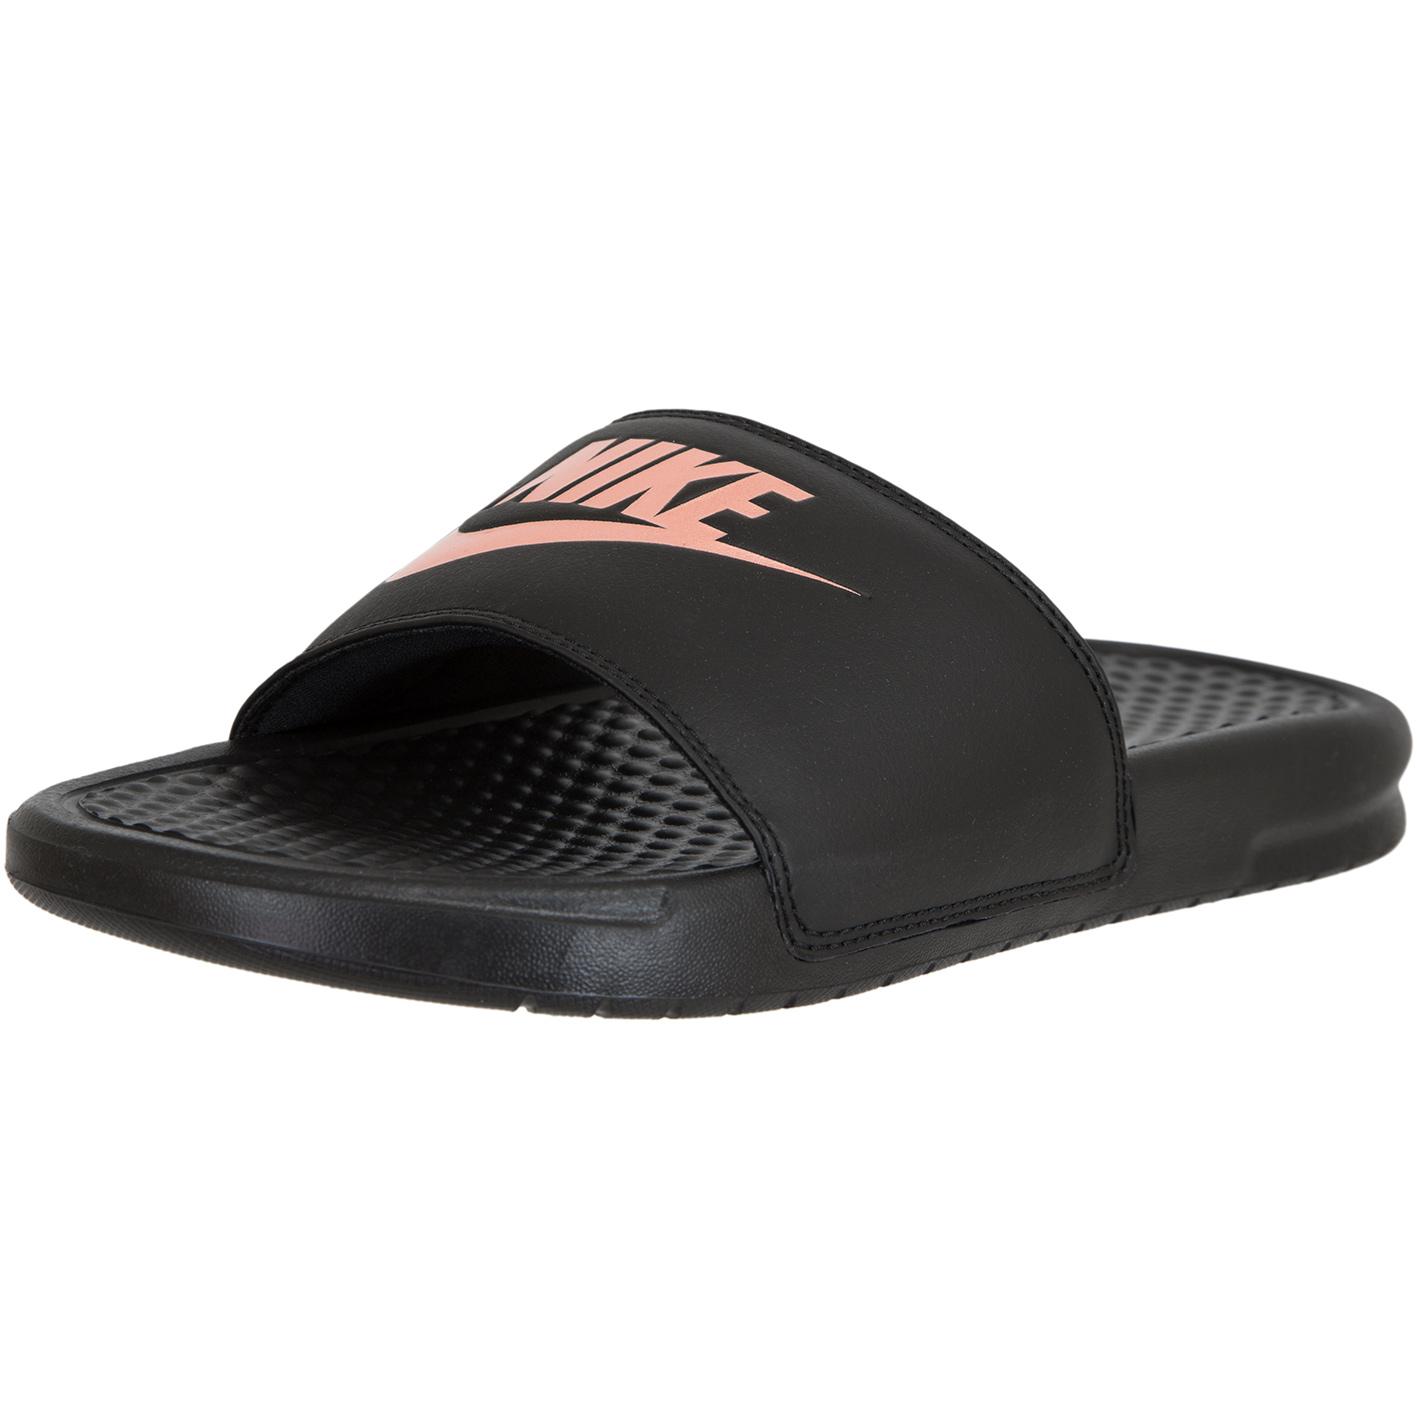 Nike Damen Badelatschen Benassi Just Do It schwarz/rosa